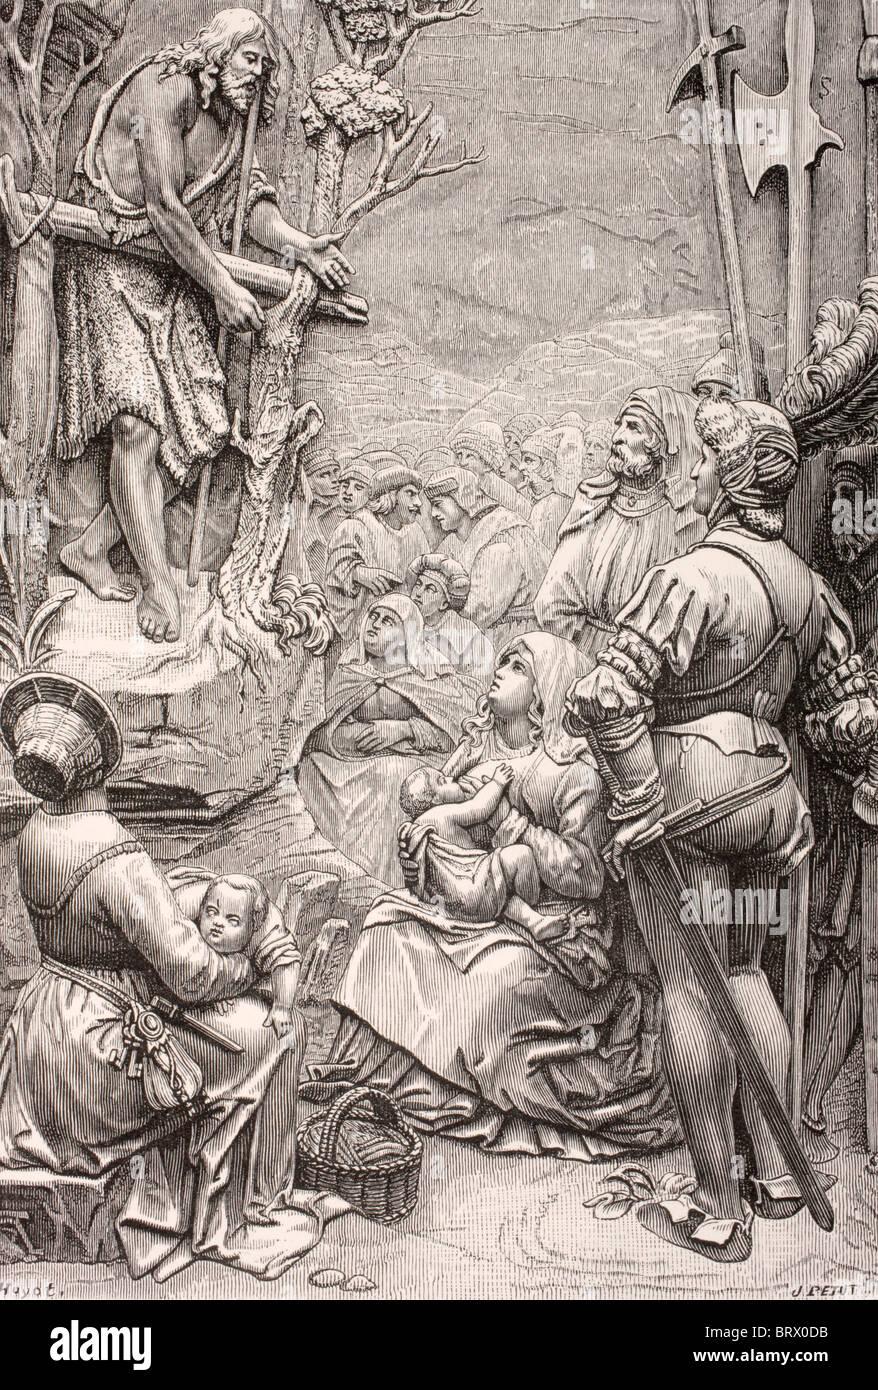 Saint John the Baptist preaching in the desert. - Stock Image